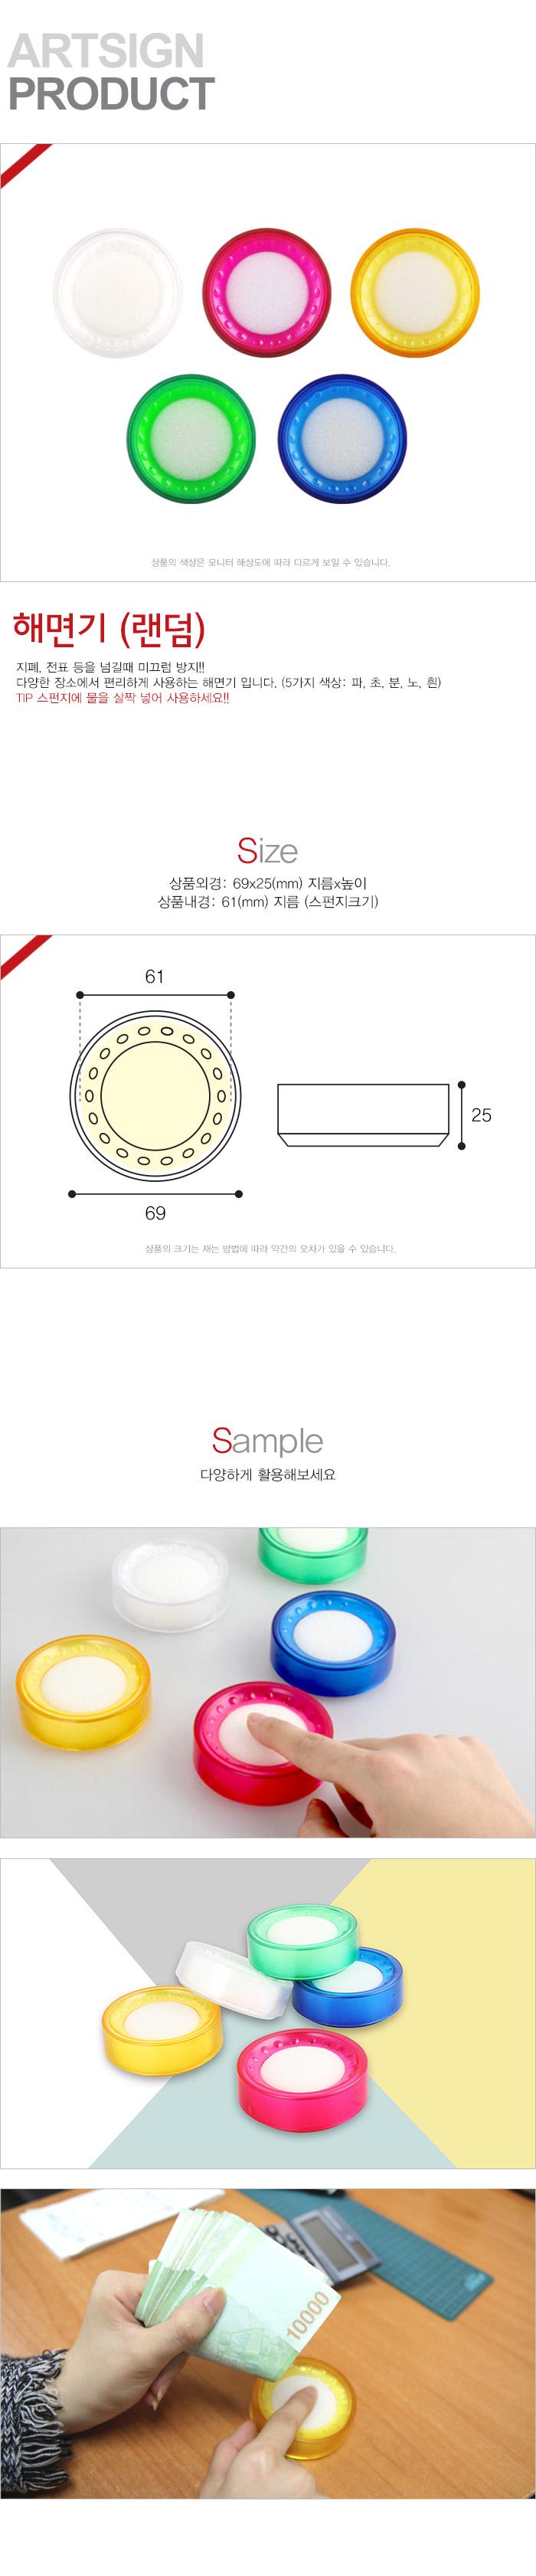 해면기(9959 L5005 69X25 파 초 분 노 흰)색상랜덤900원-오피스넥스디자인문구, 오피스 용품, 오피스 소모품, 매표/해면기바보사랑해면기(9959 L5005 69X25 파 초 분 노 흰)색상랜덤900원-오피스넥스디자인문구, 오피스 용품, 오피스 소모품, 매표/해면기바보사랑